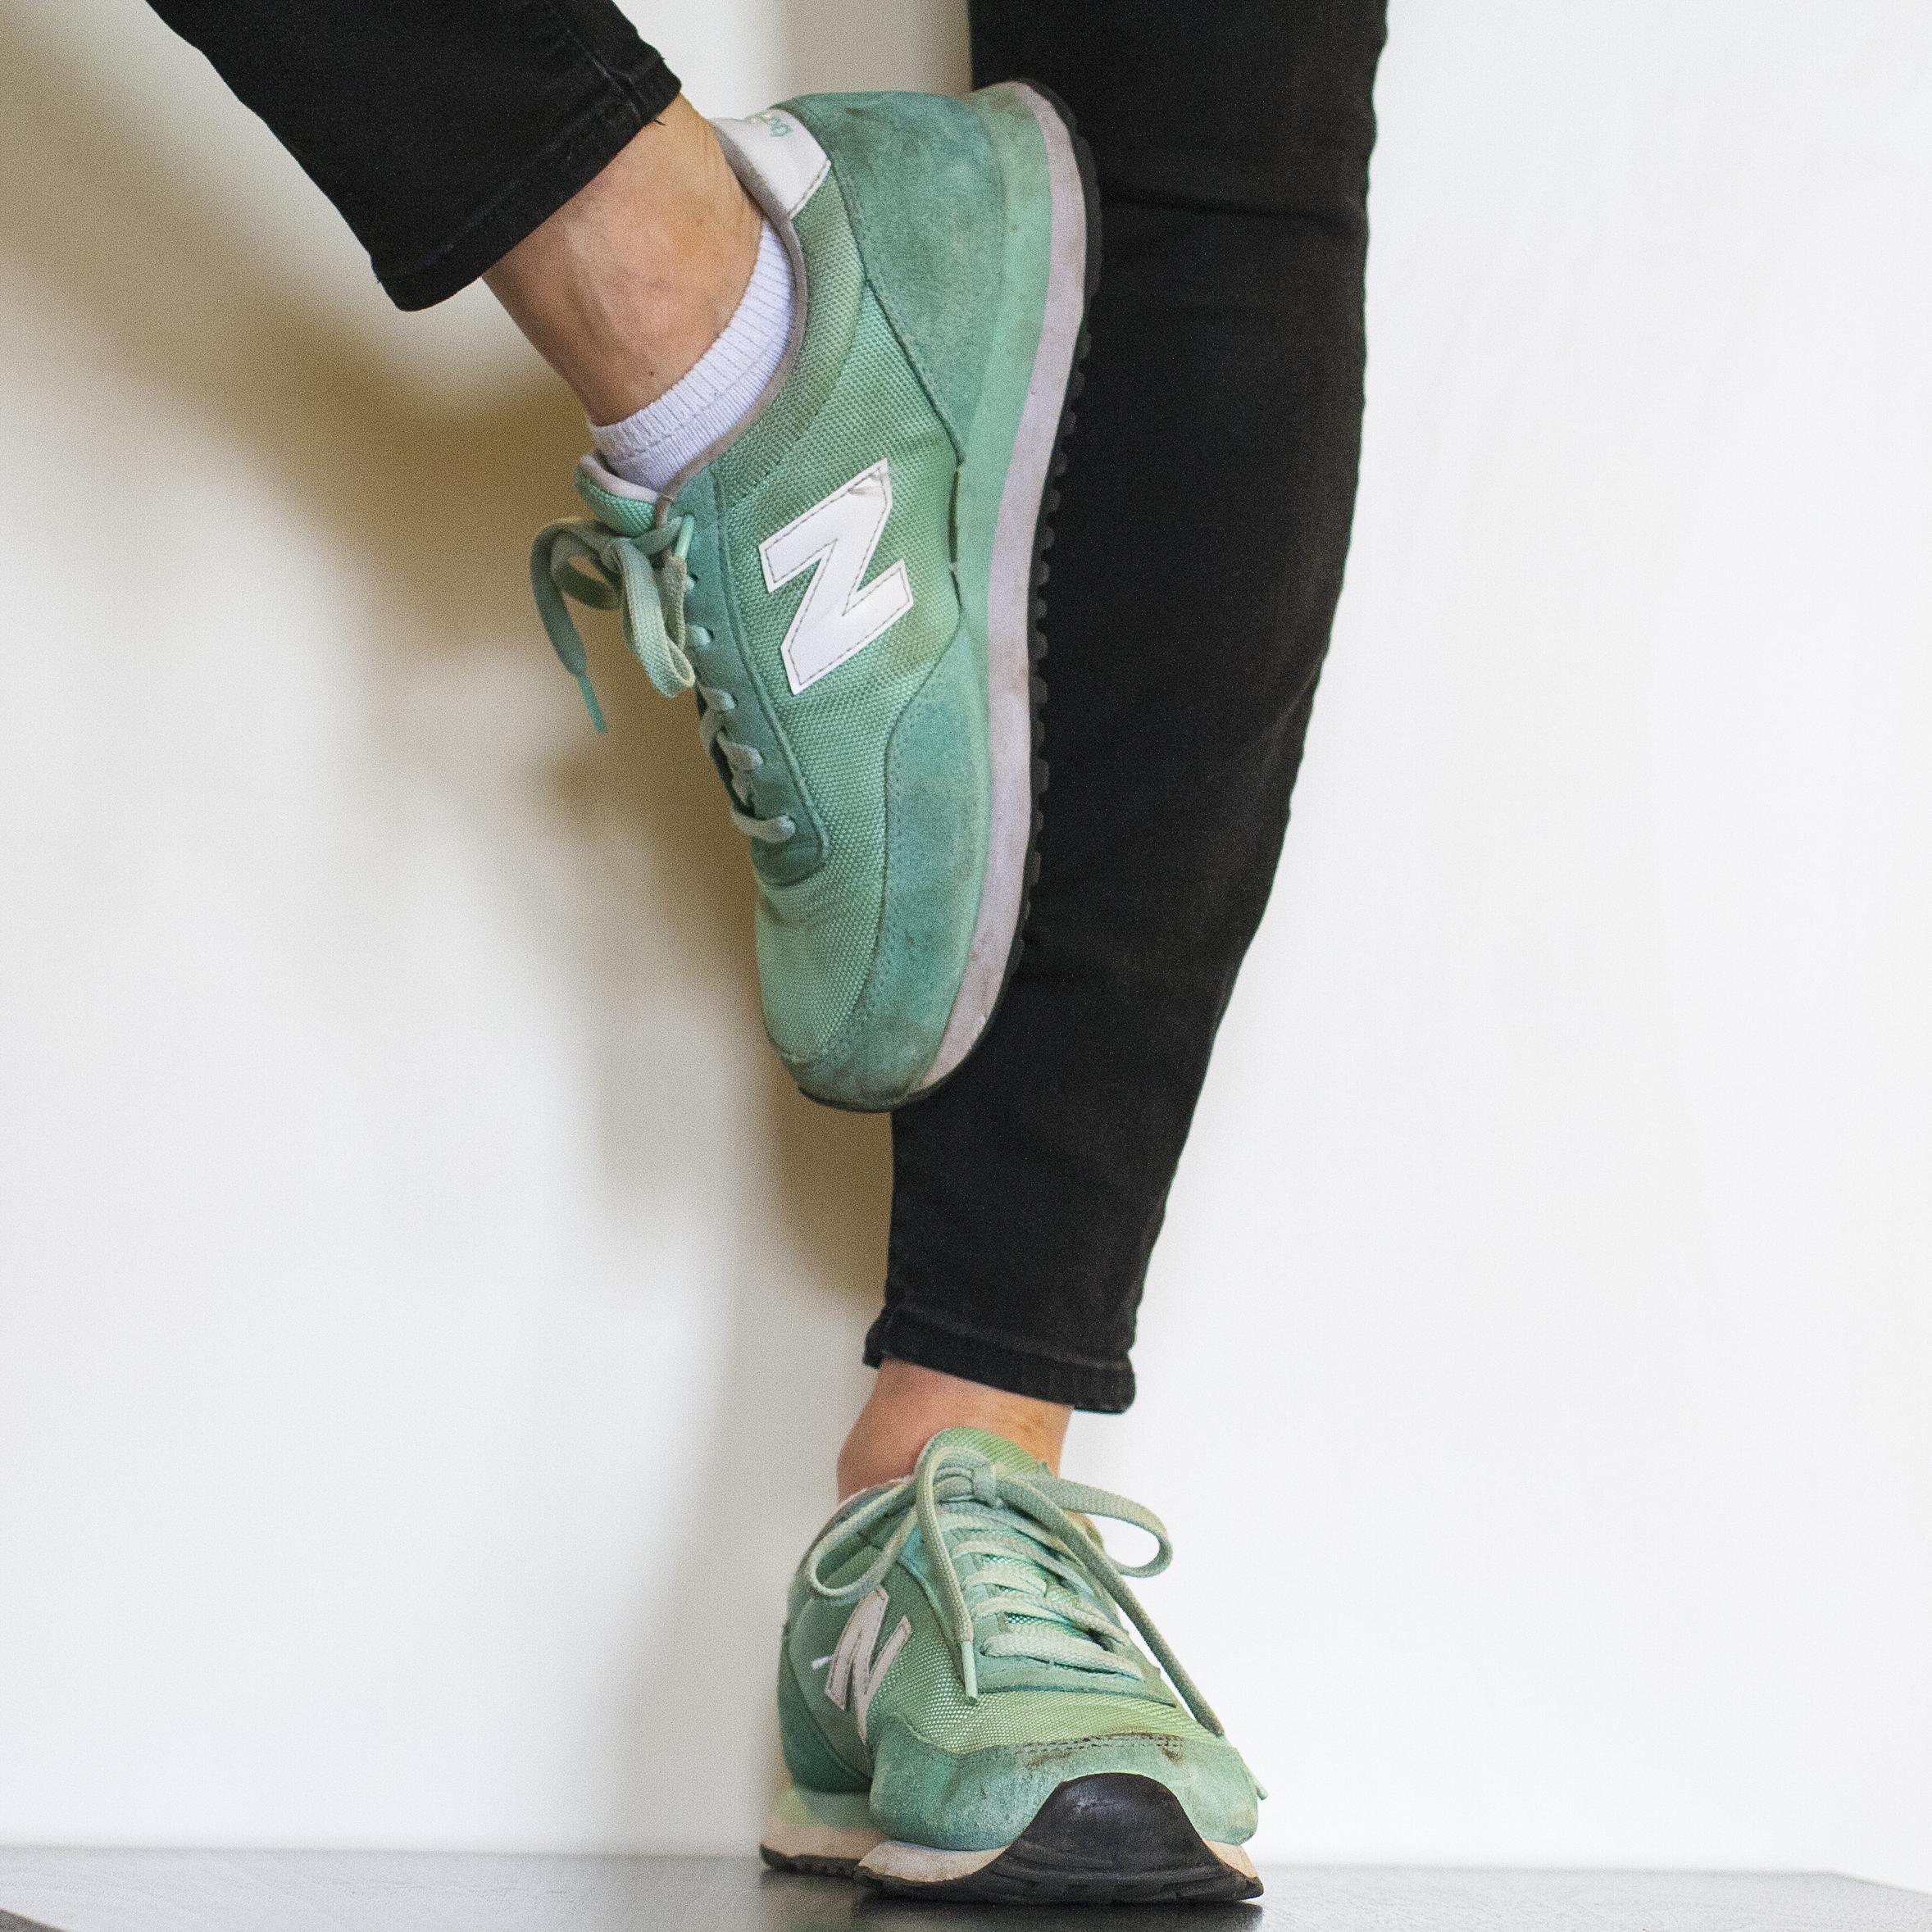 Sneakerpolooza